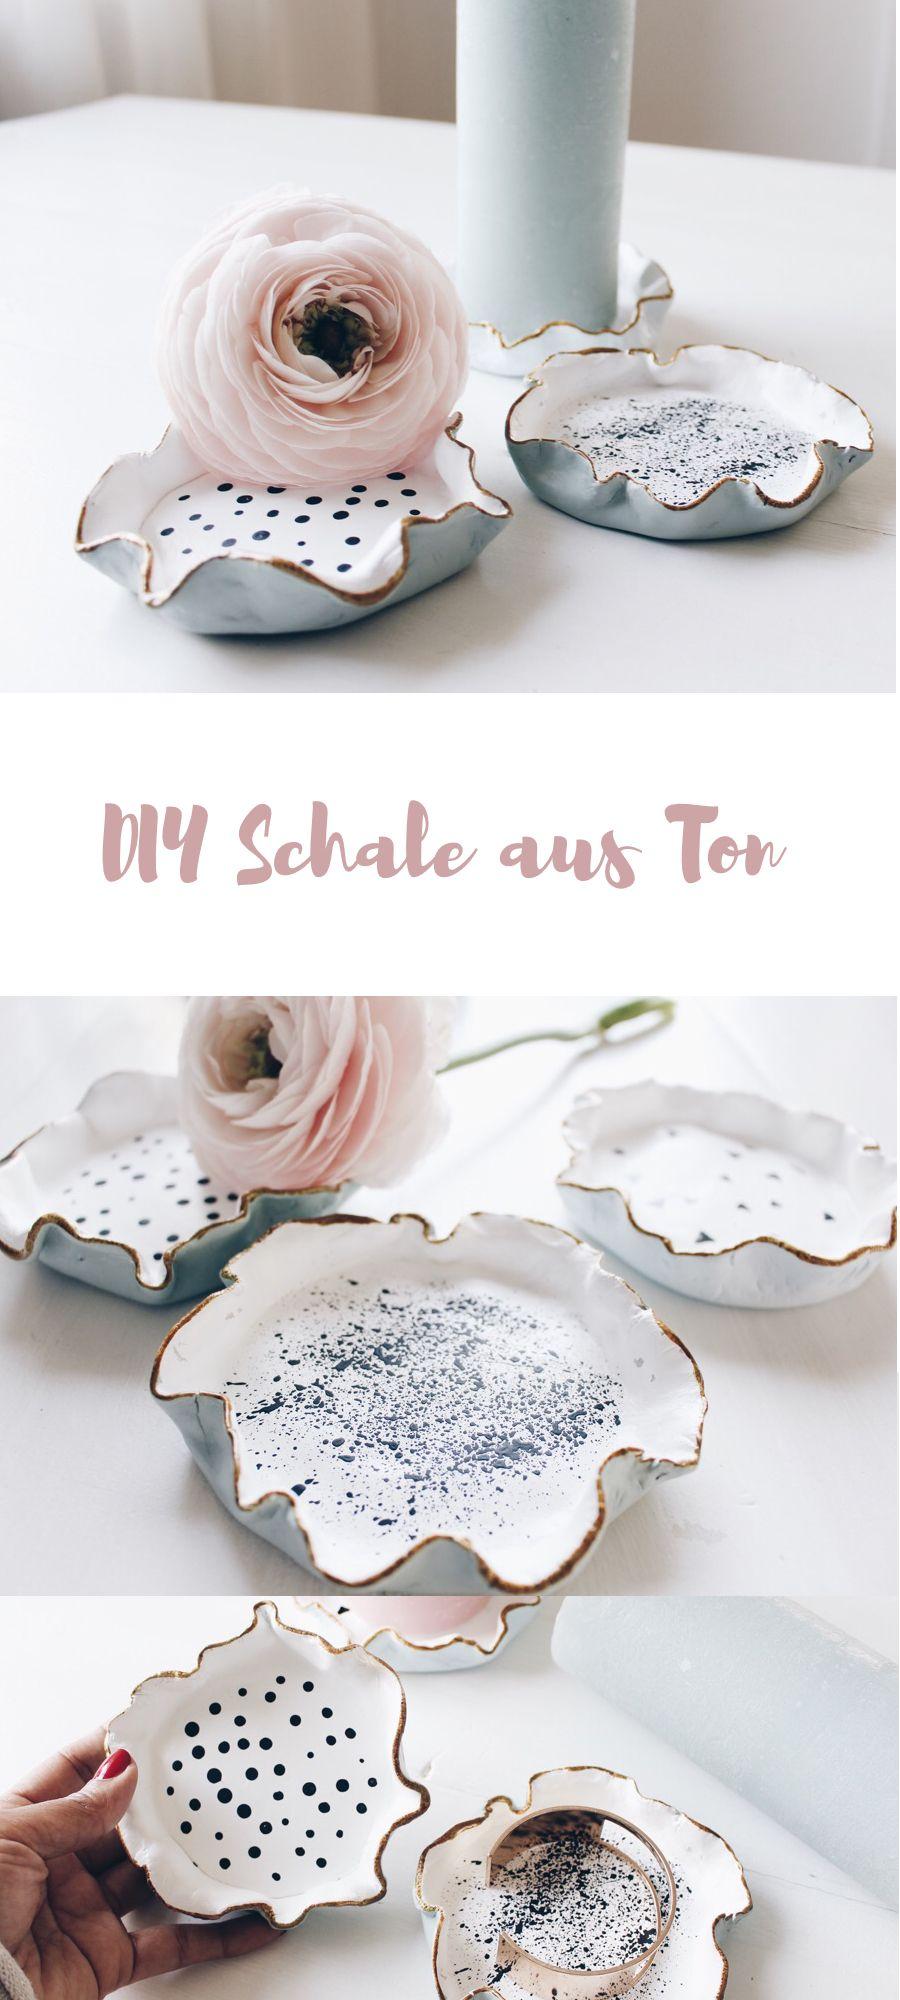 DIY Schale aus Ton - Aus grau wird bunt | Crafts | Diy ...